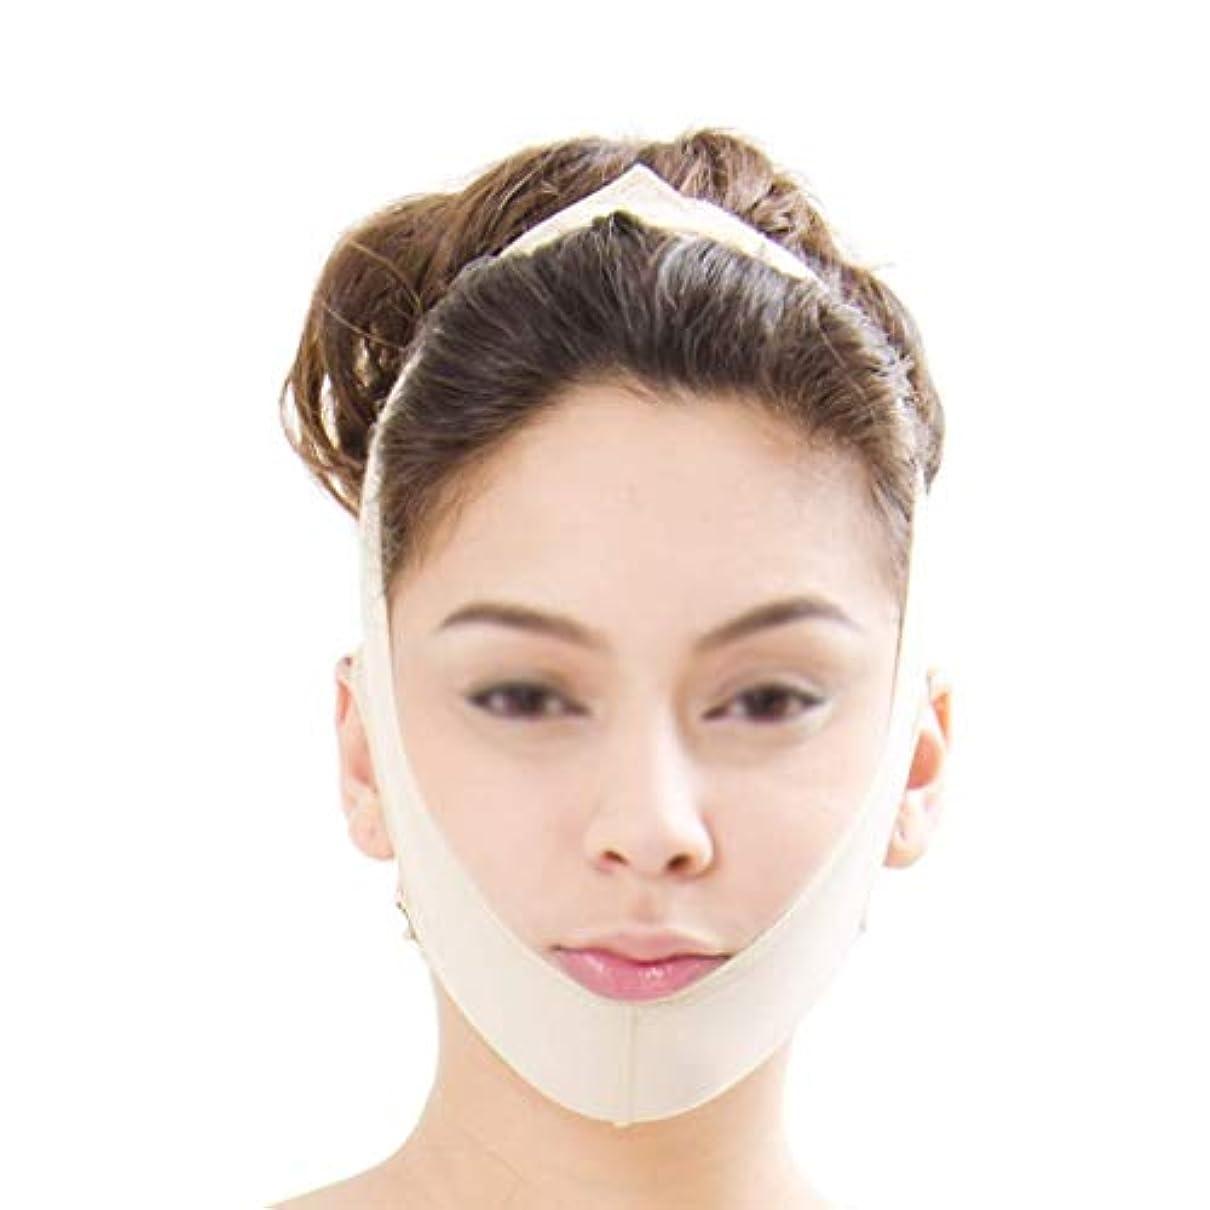 死すべきプロフィール計算可能フェイススリミングバンデージ、フェイスリフティングマスク、フェイスリフティングバンデージ、フェイシャル減量マスク、ダブルチンケア減量(サイズ:M),XL